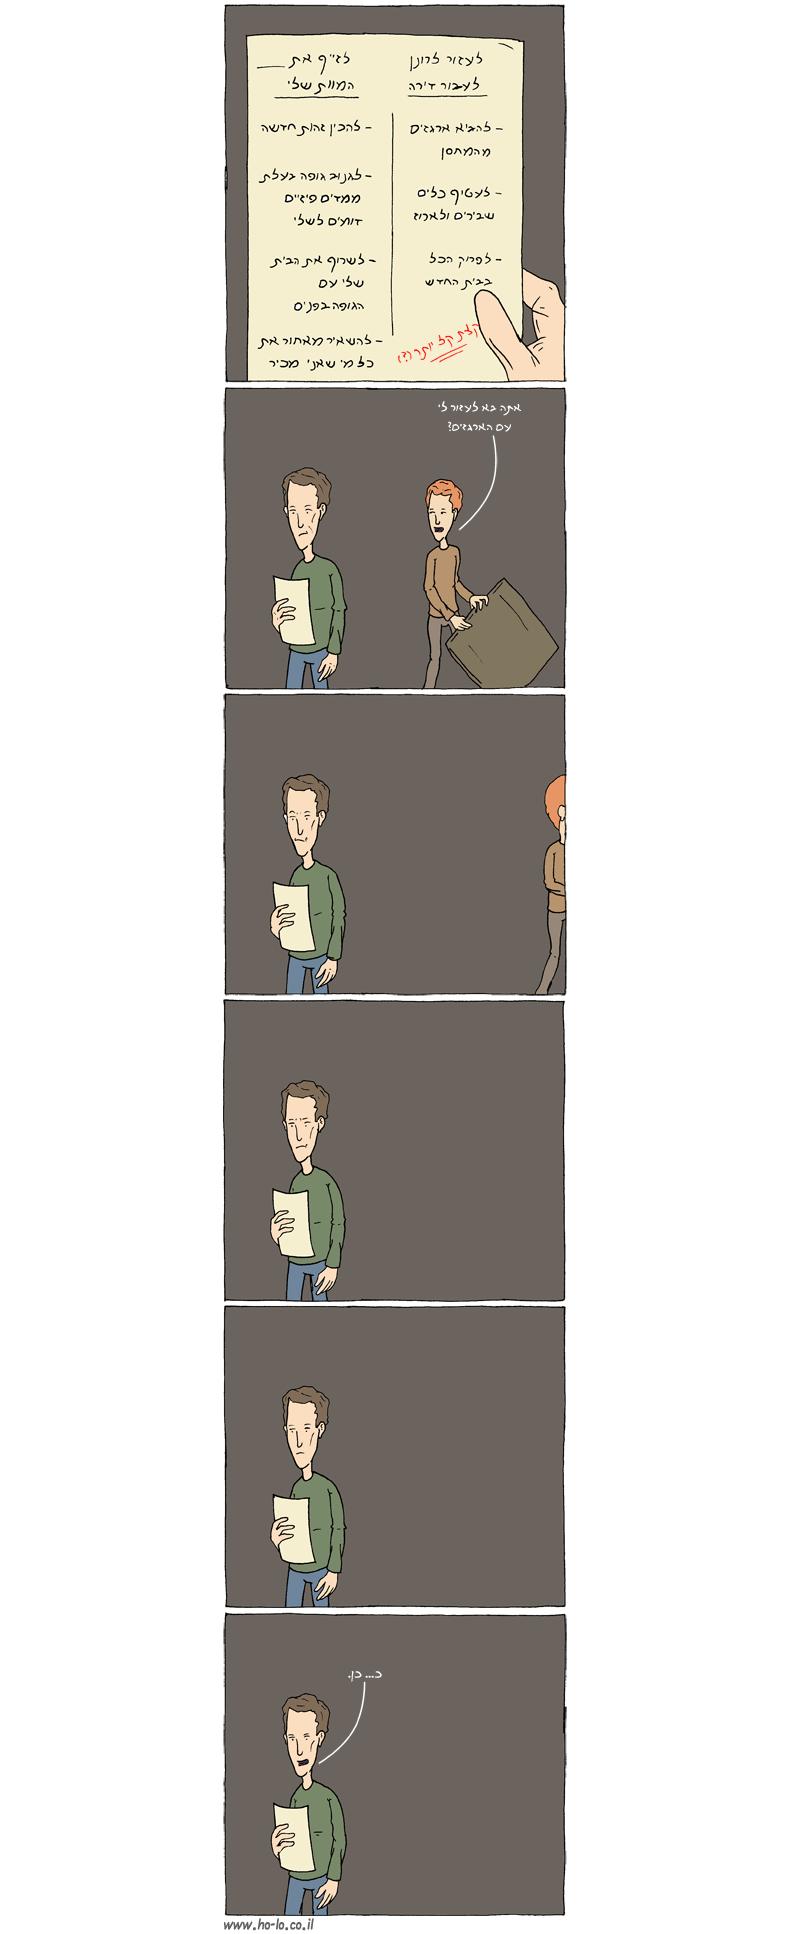 אלטרנטיבות